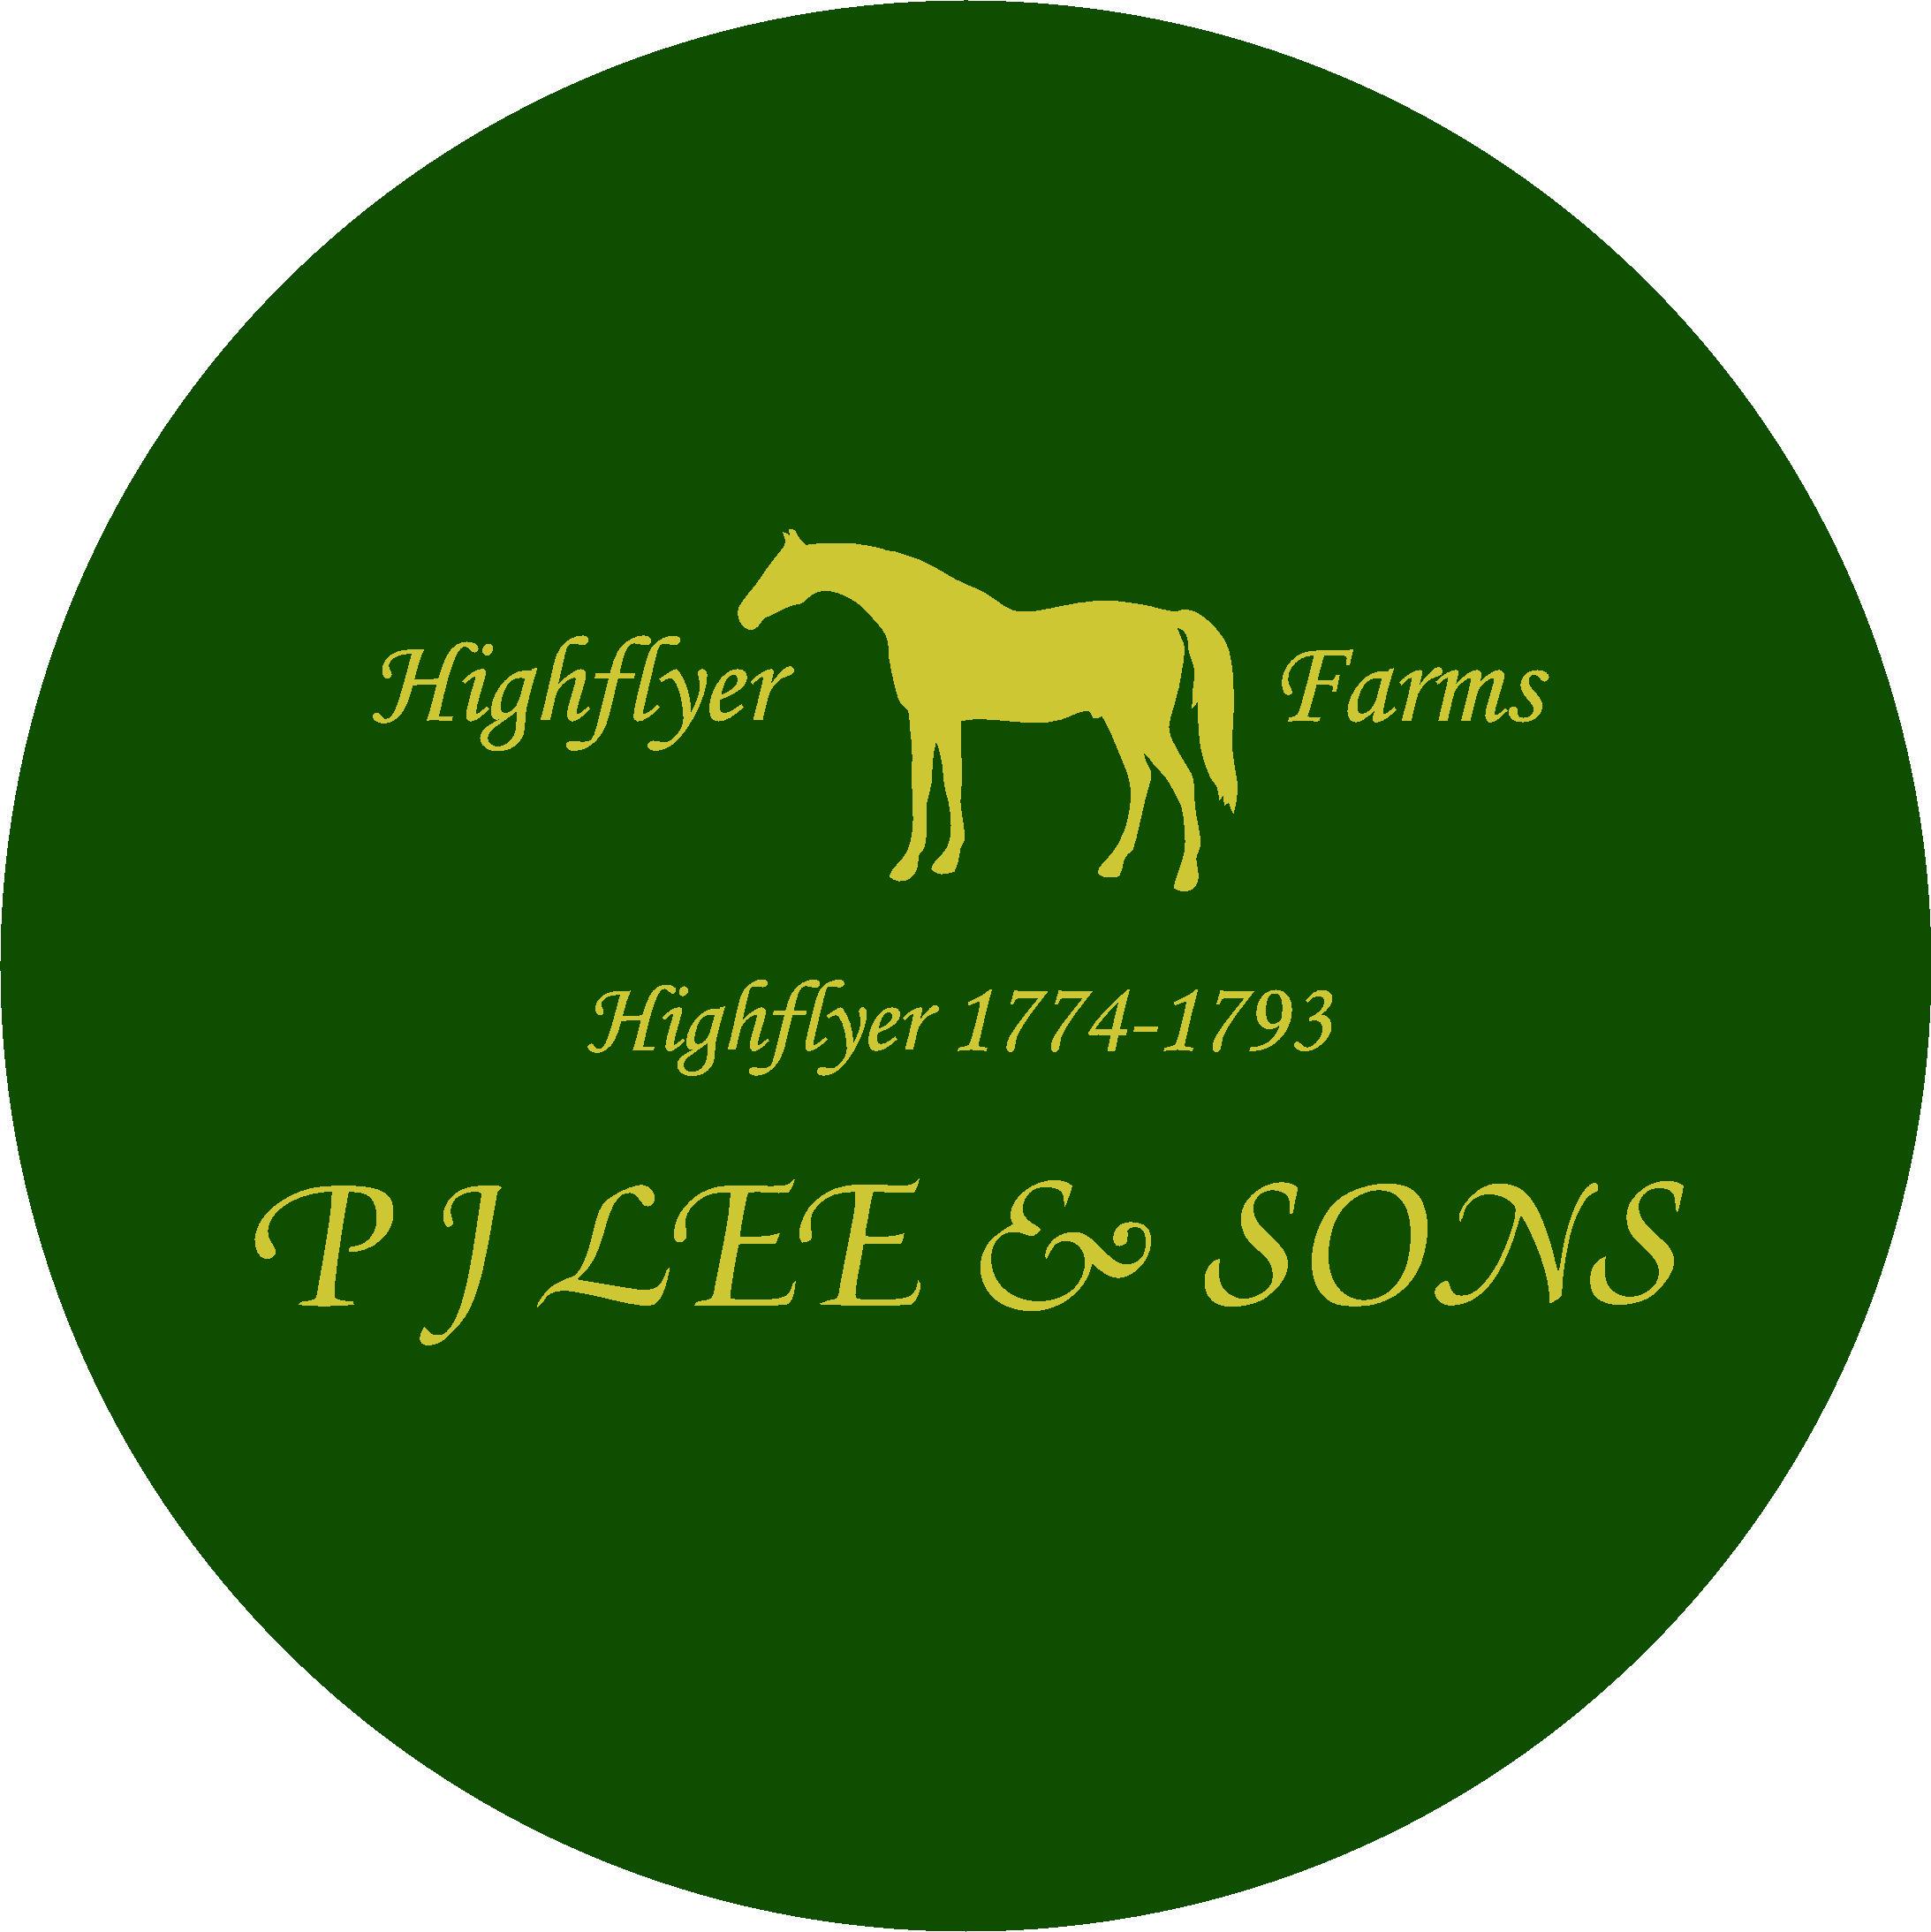 Christopher Lee- PJ Lee & Sons